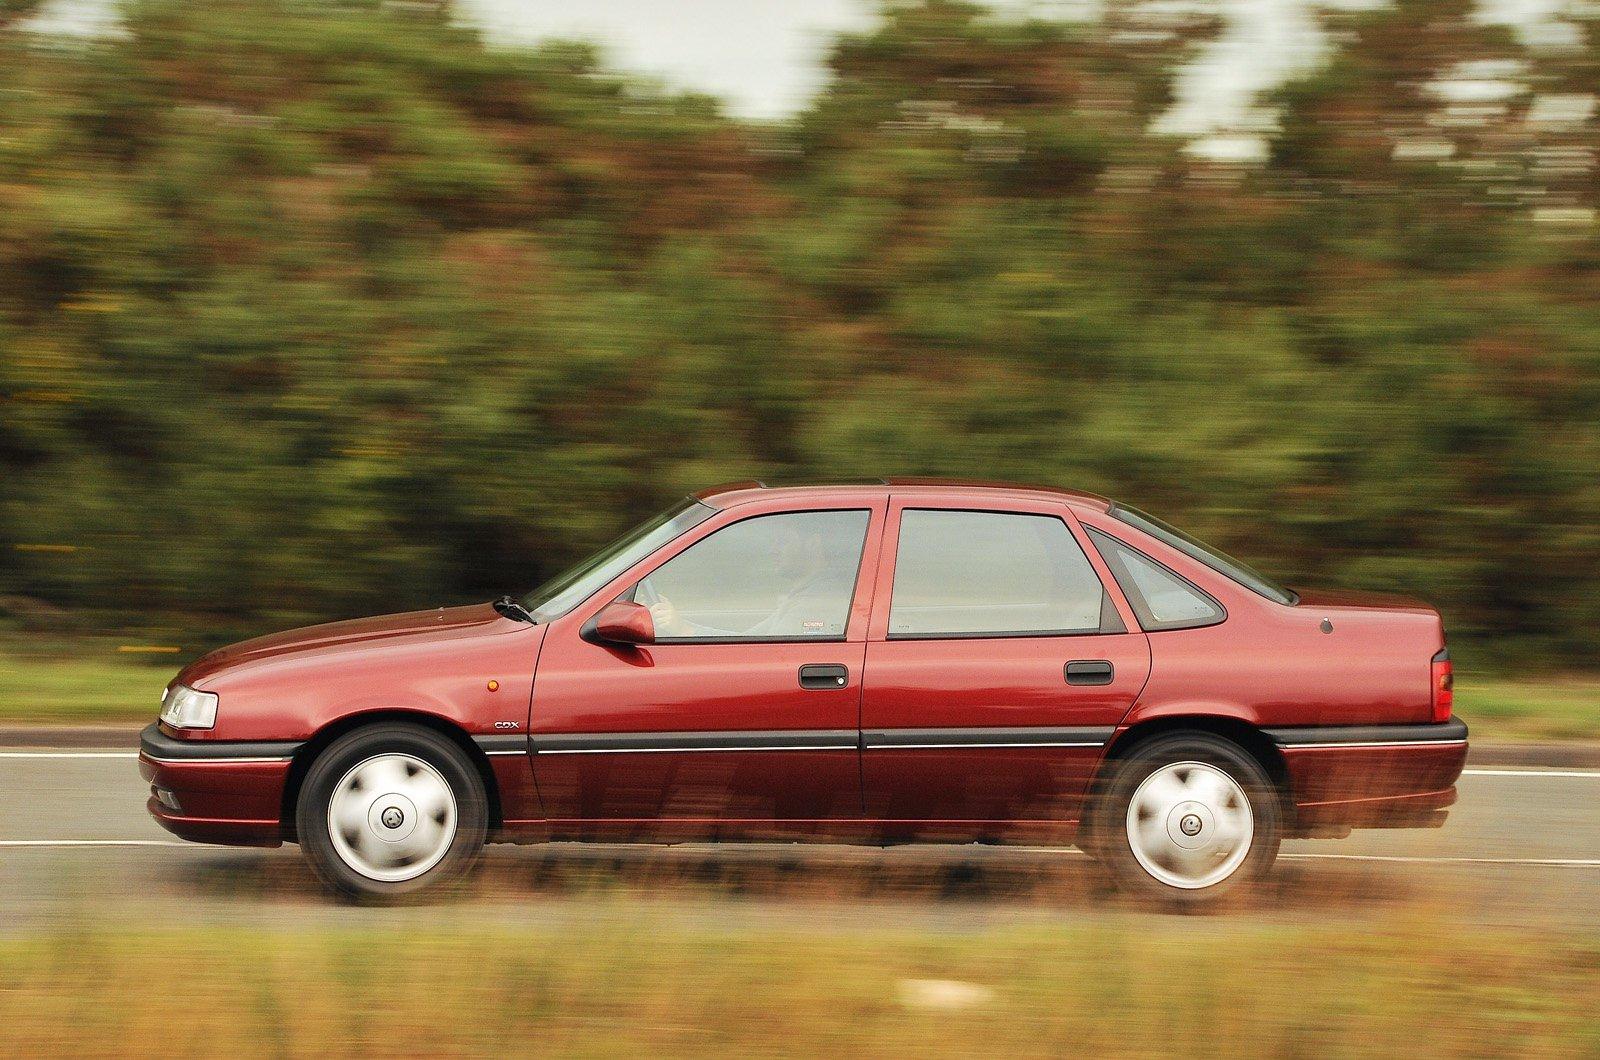 Vauxhall Cavalier Mk3 side